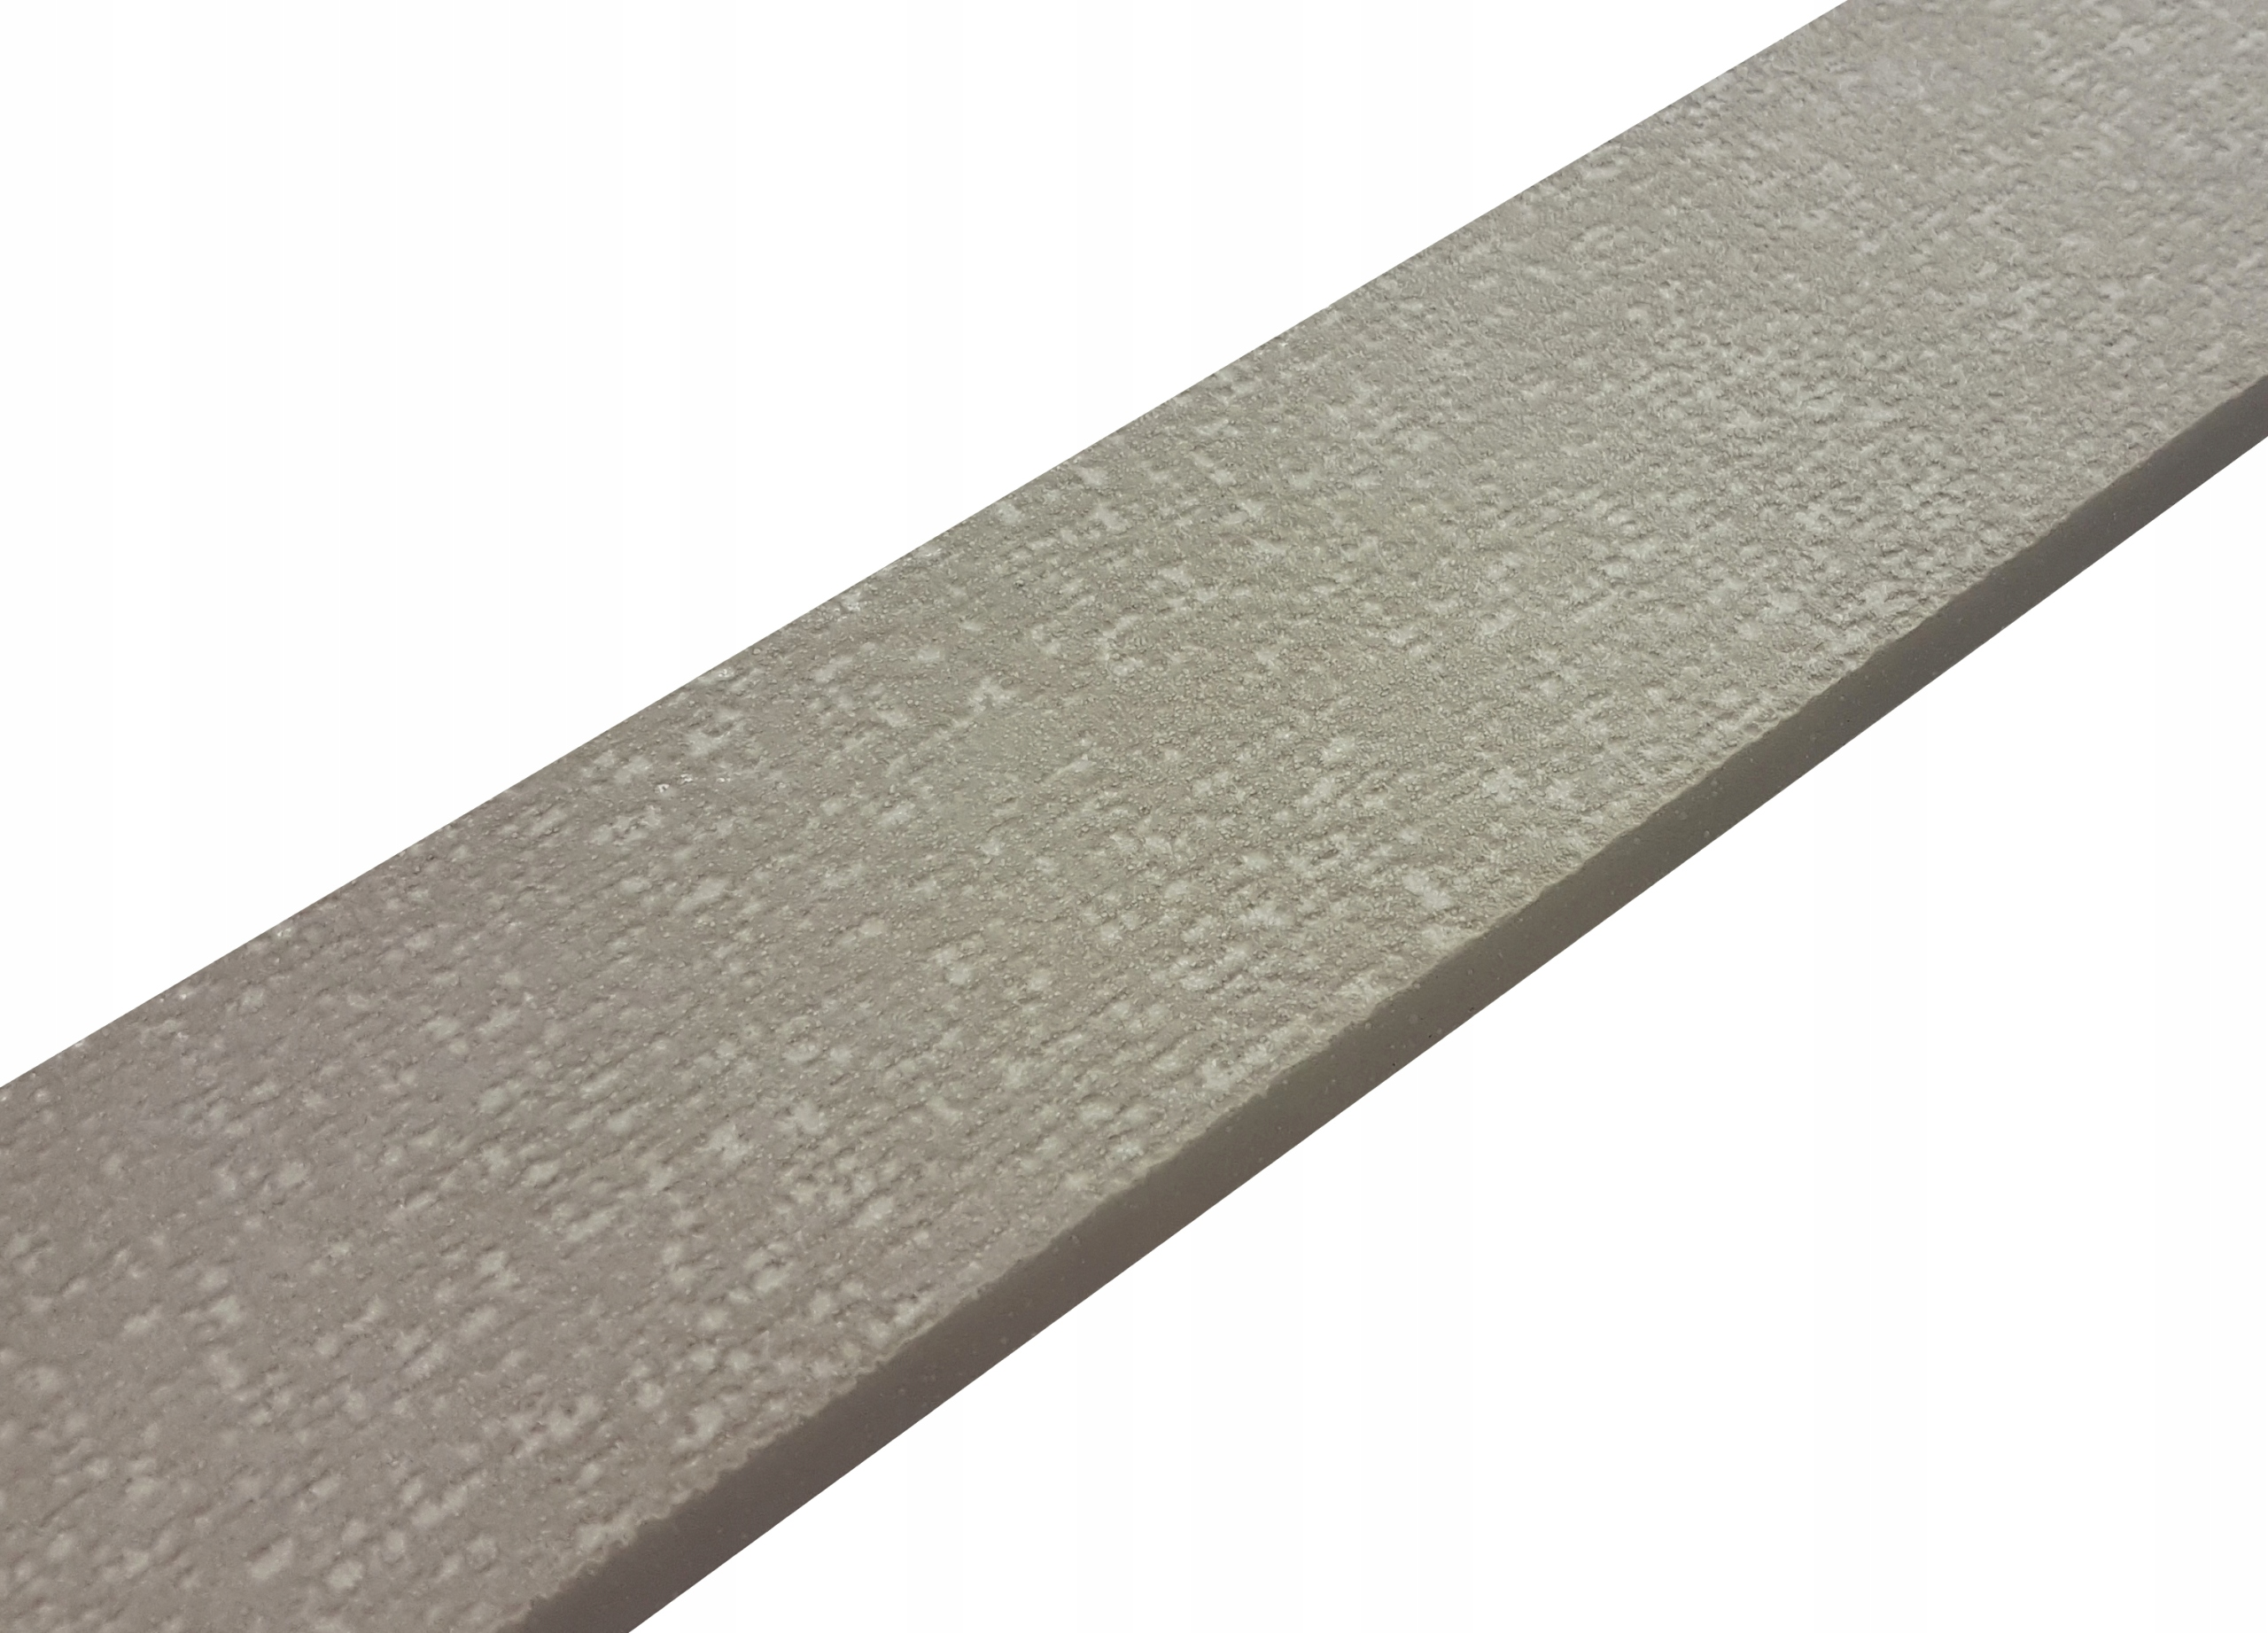 Керамическая лента AREA GREY EXT. 8,6 x 45